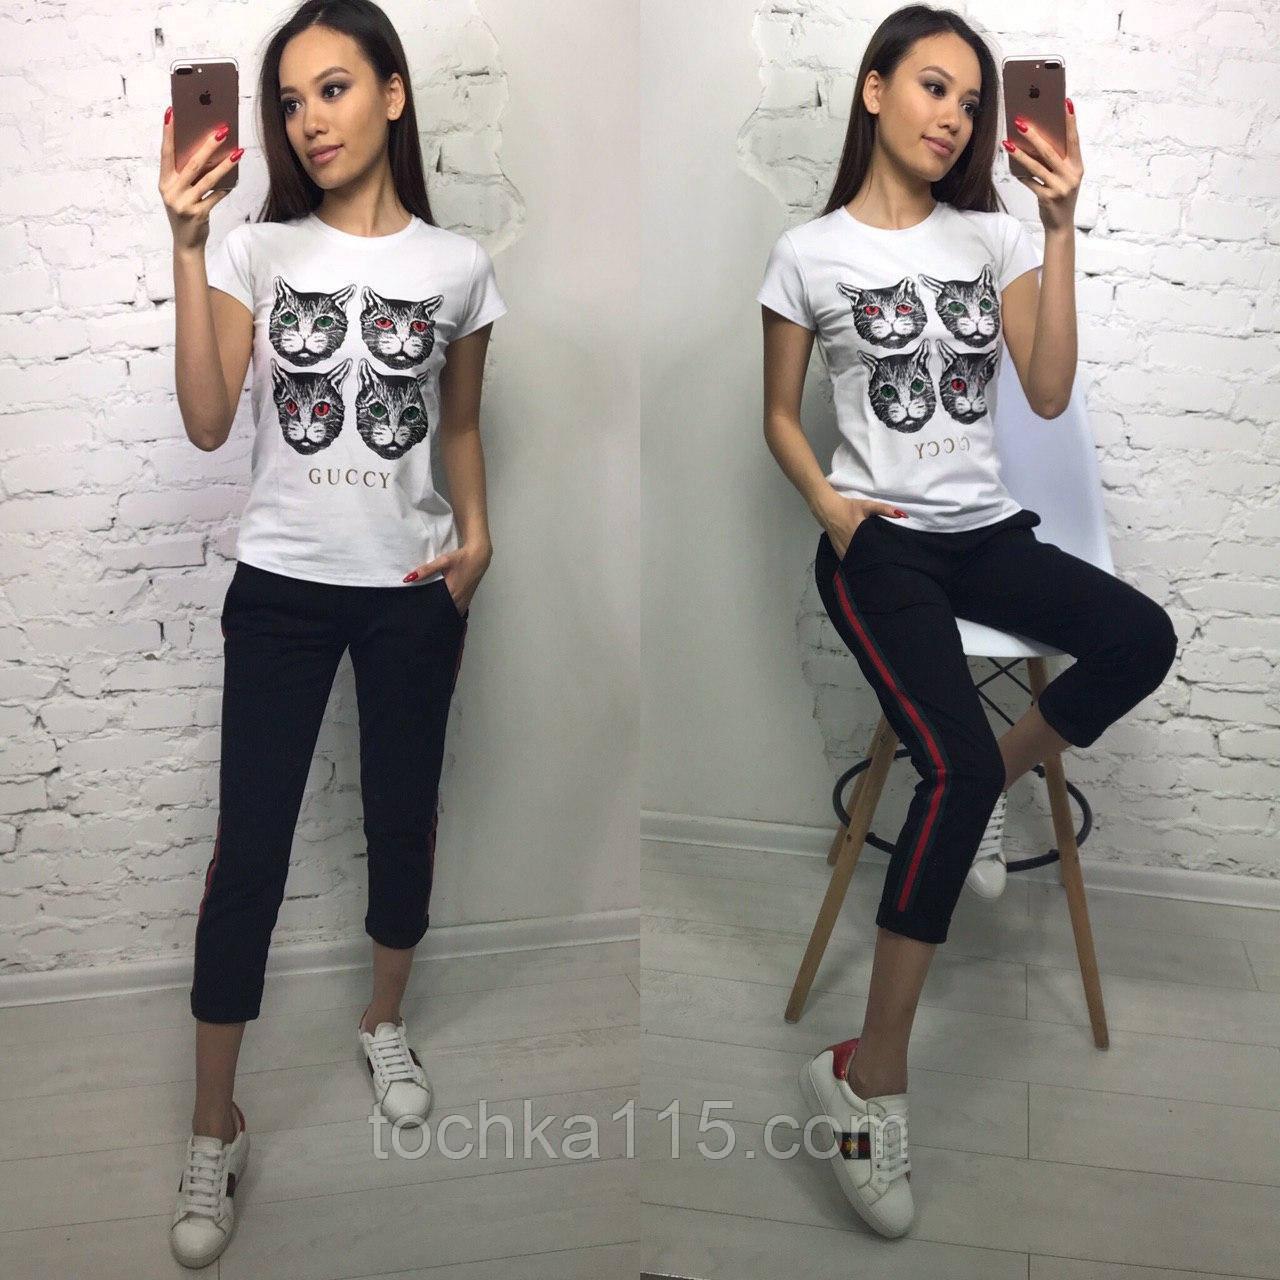 Стильная белая женская футболка на лето модный принт S/M/L/XL